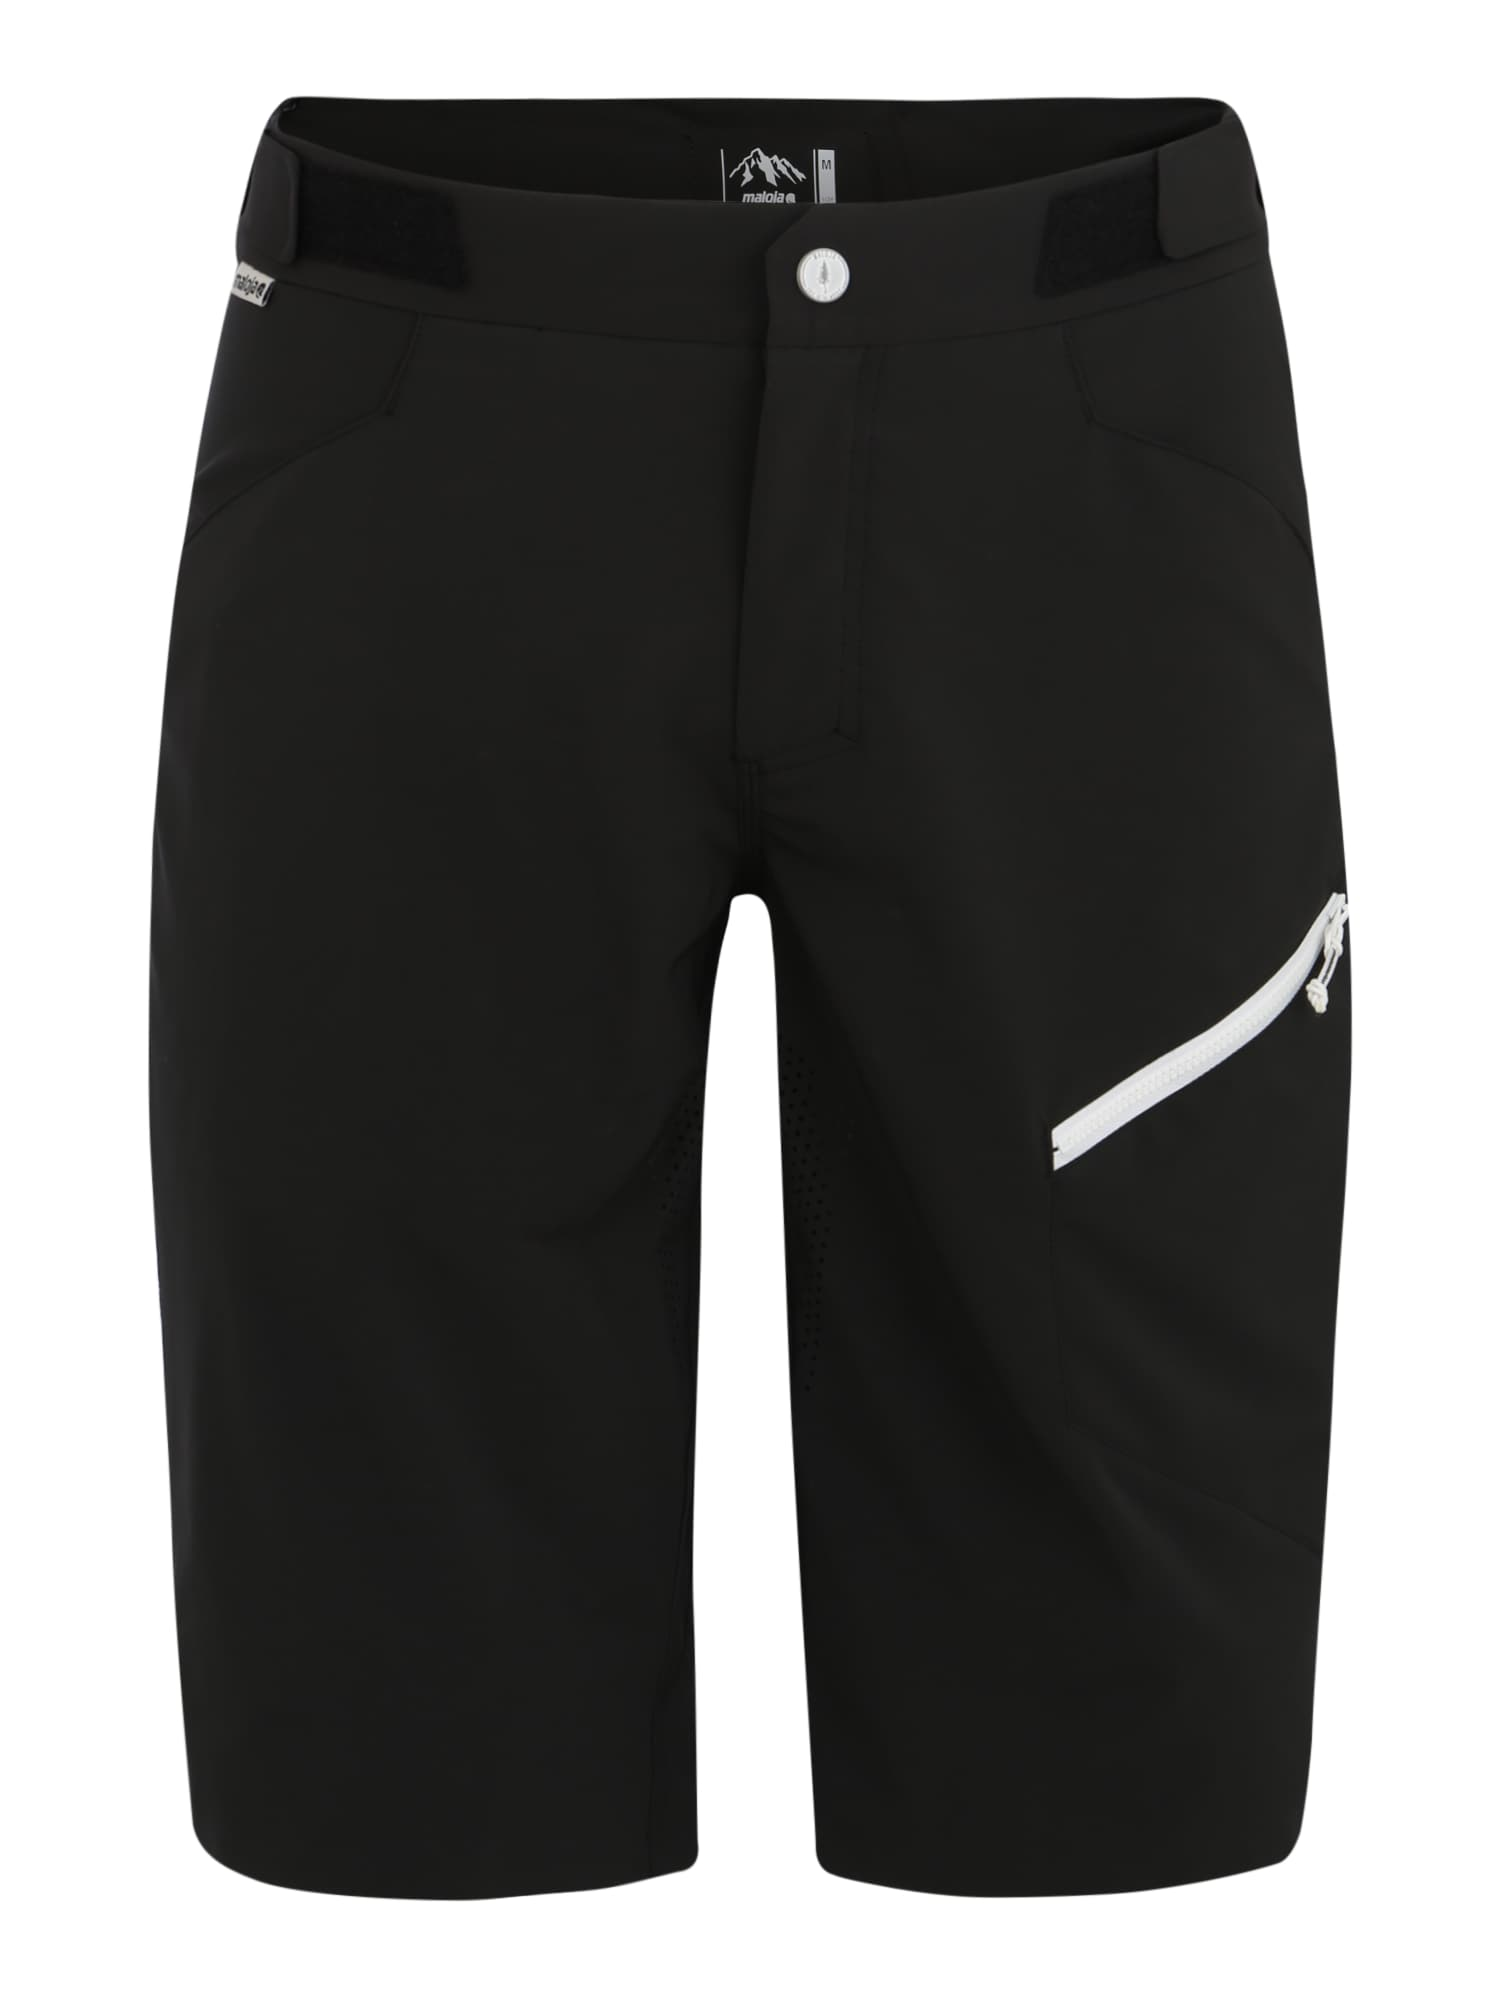 Outdoorové kalhoty LuisM. černá Maloja